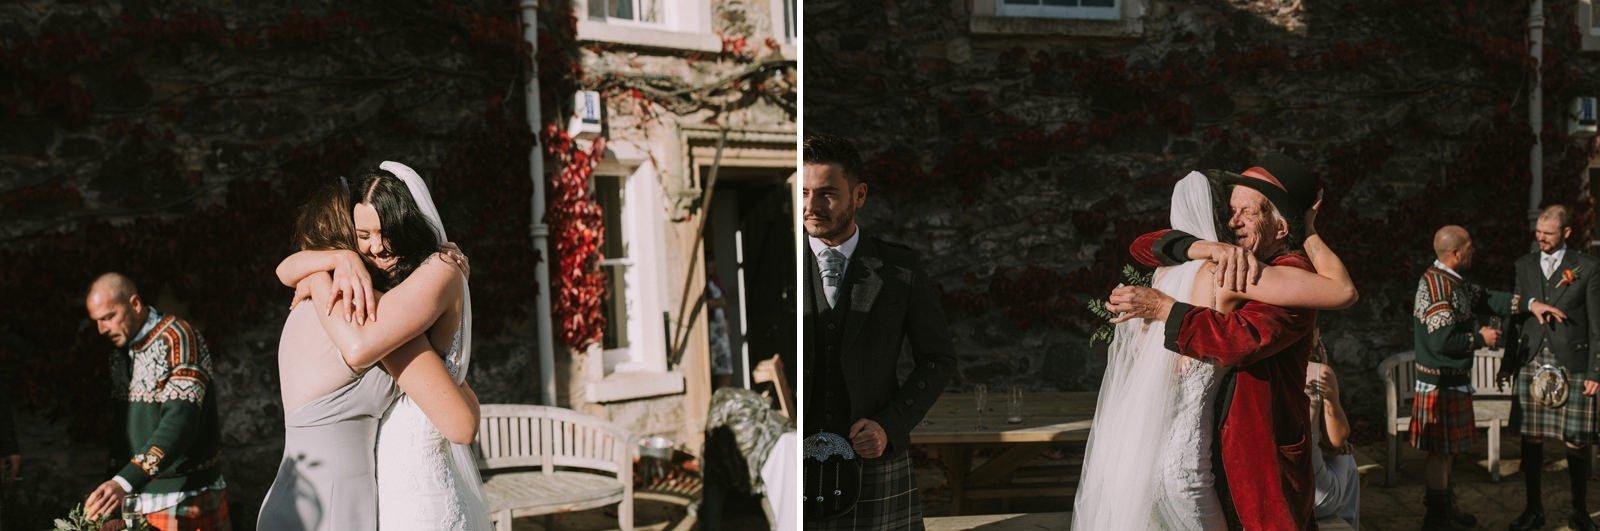 wedding photography scottish